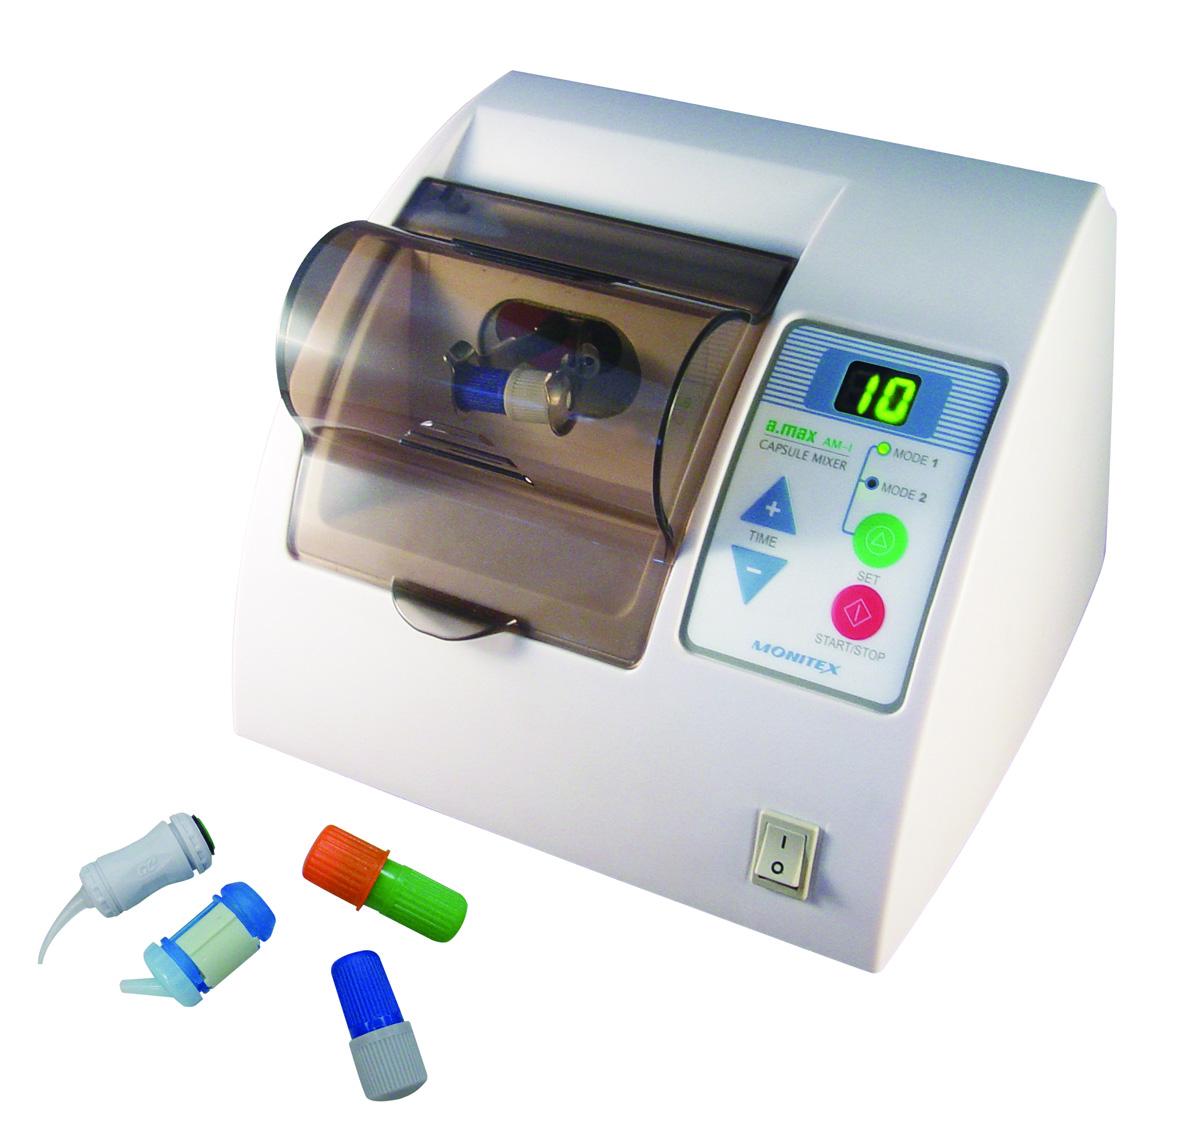 capsule mixer